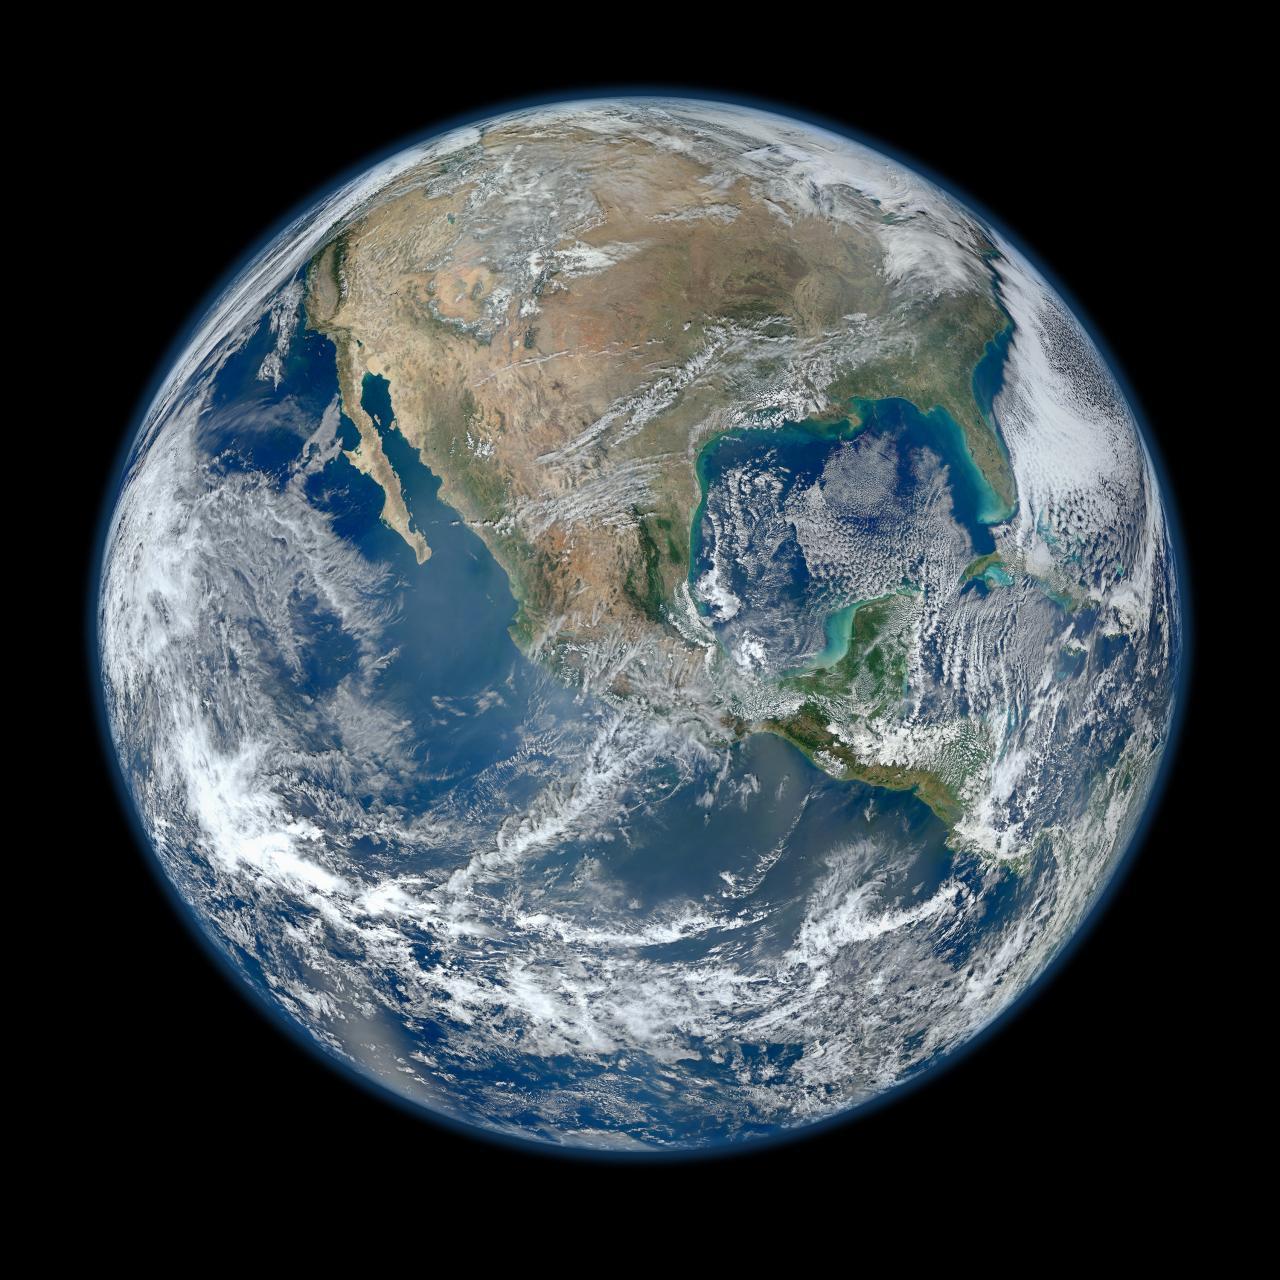 ¿Te has parado a pensar en el papel que juegan los océanos en el ciclo mundial del carbono?